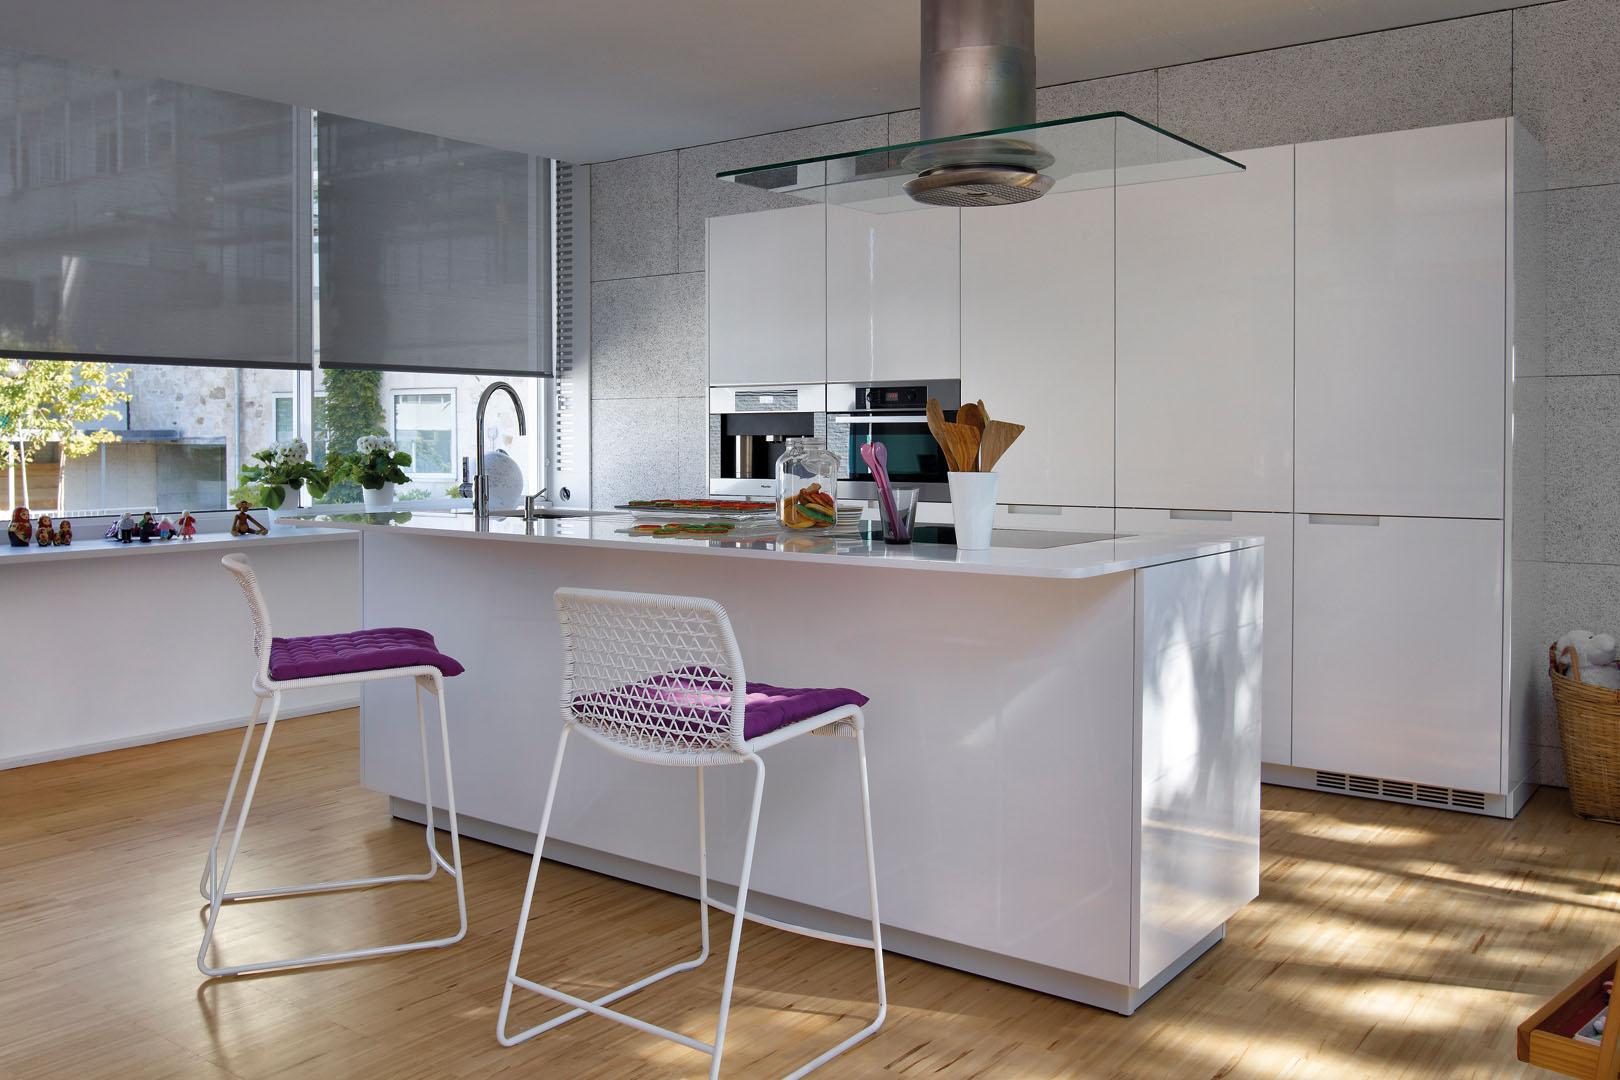 Muebles de cocina con isla central interesting cocina con for Muebles aznar